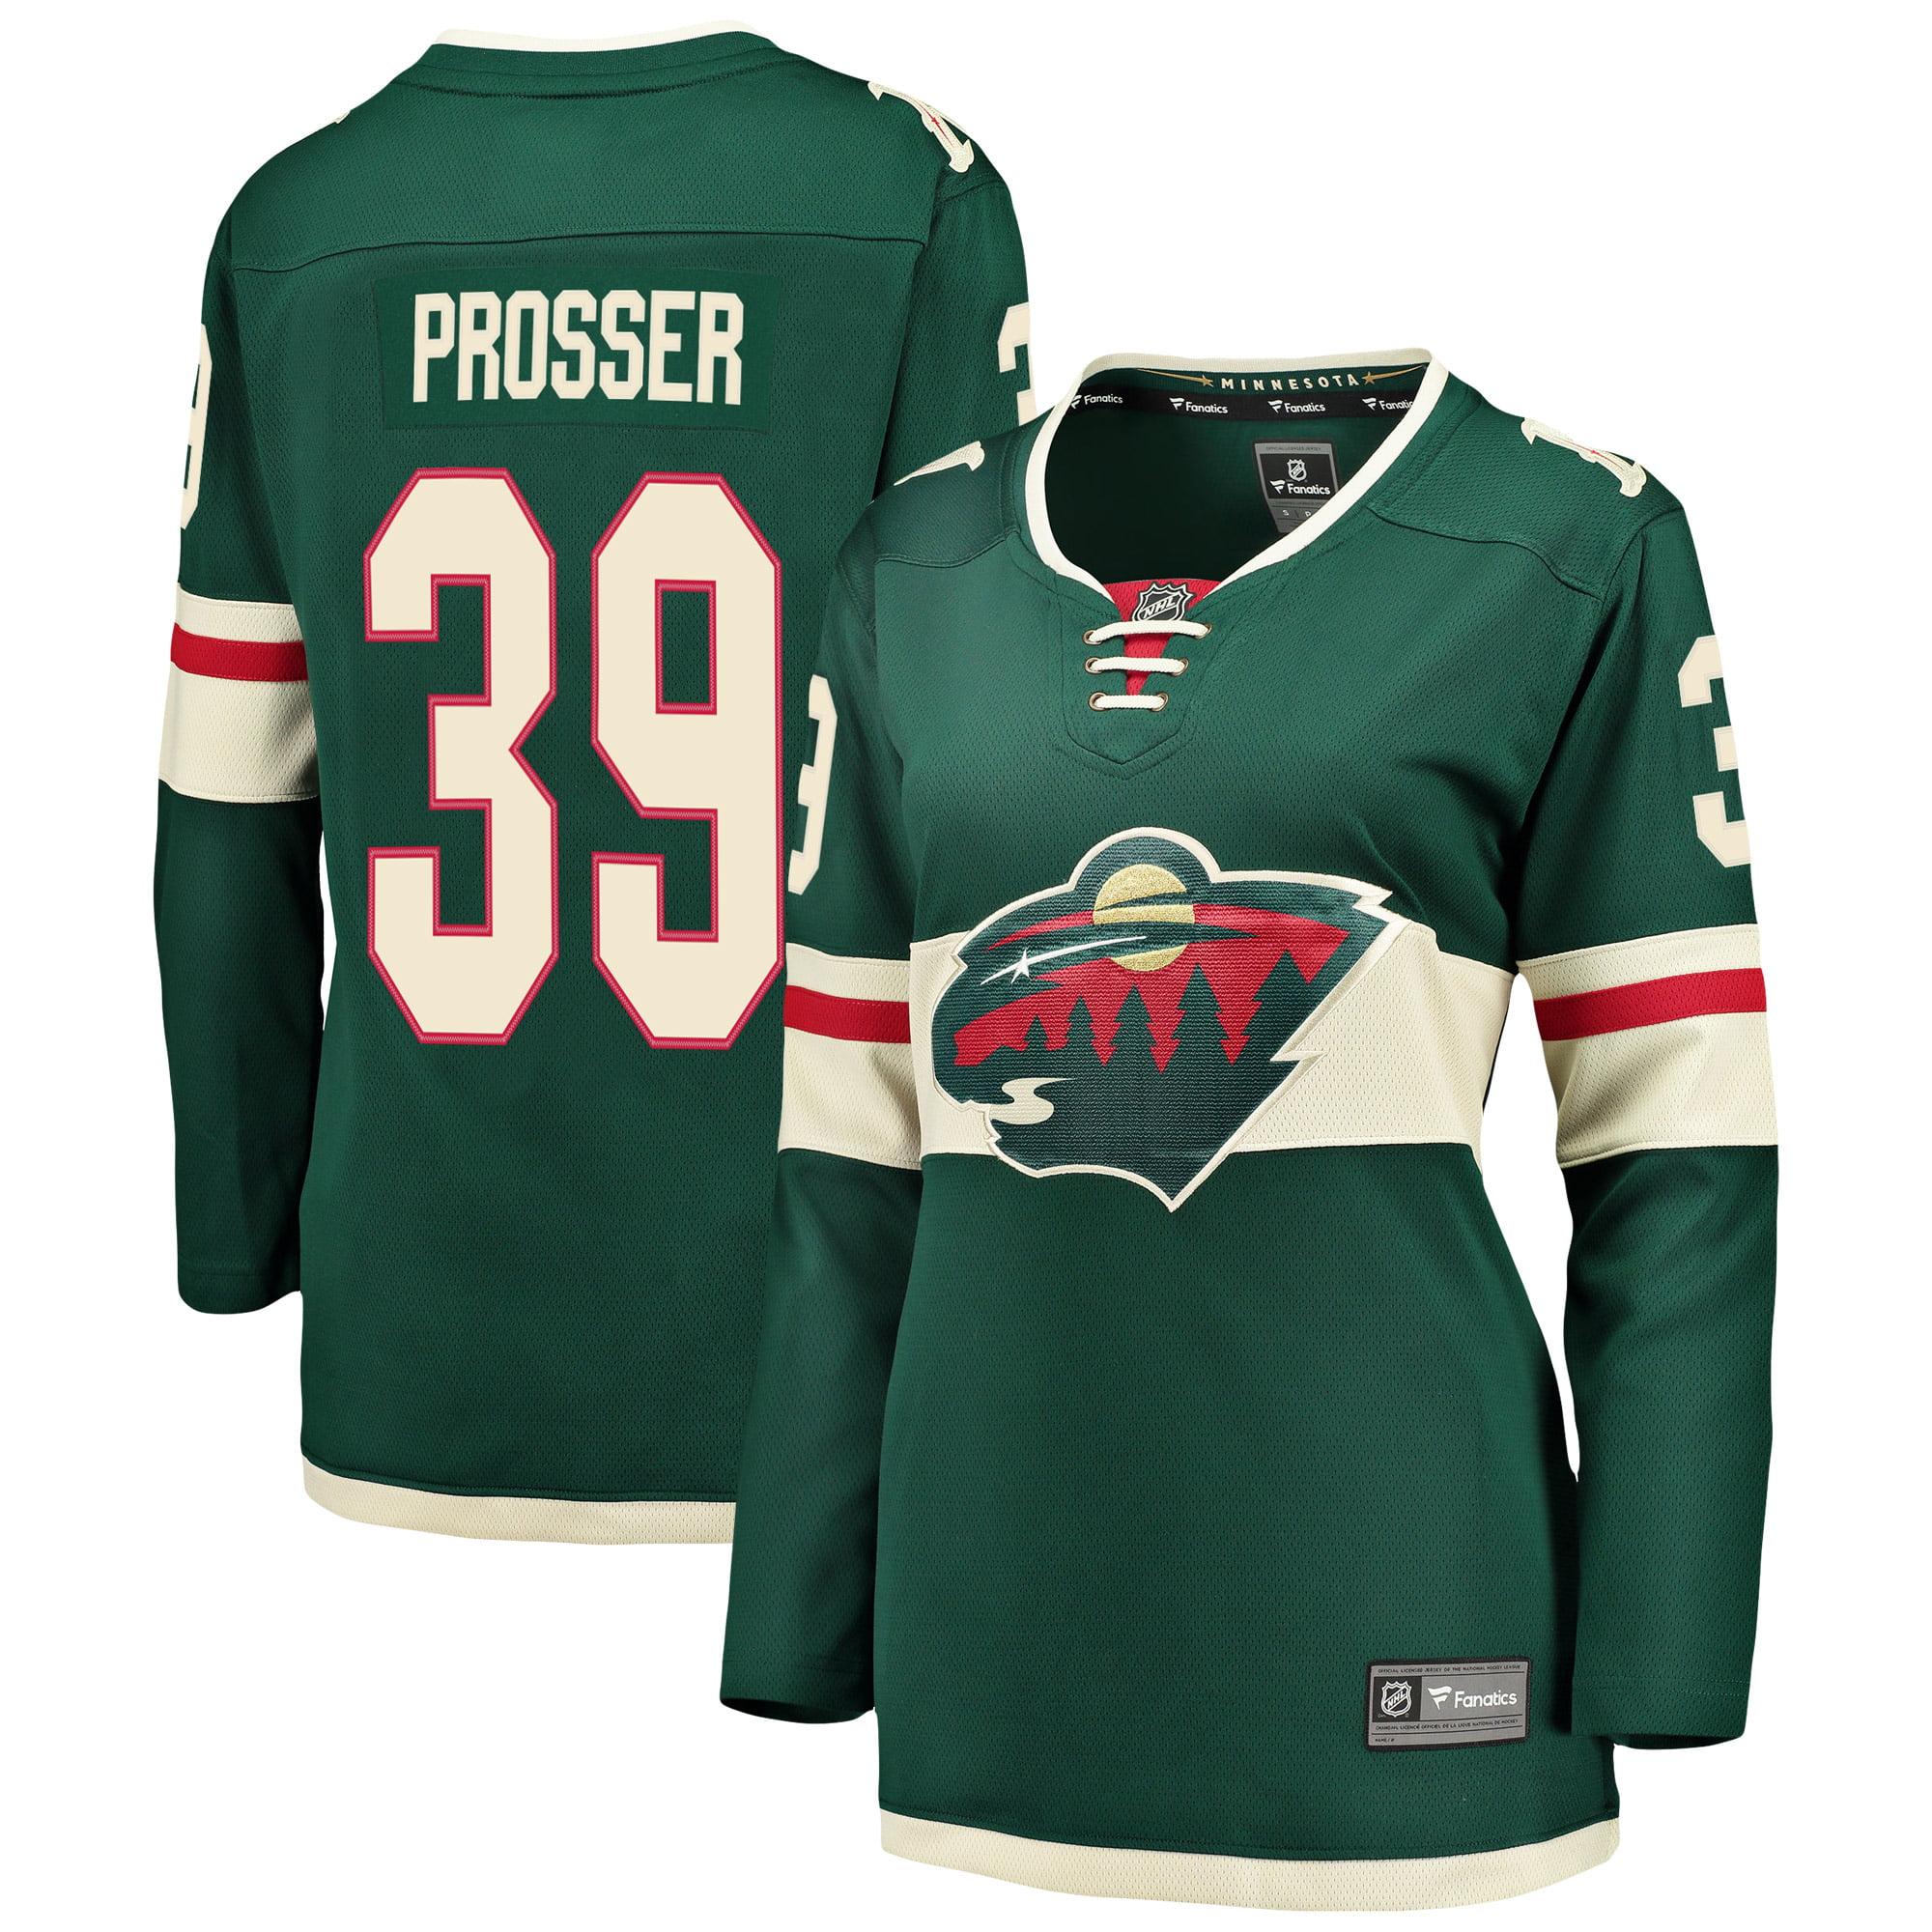 Nate Prosser Minnesota Wild Fanatics Branded Women's Breakaway Player Jersey - Green